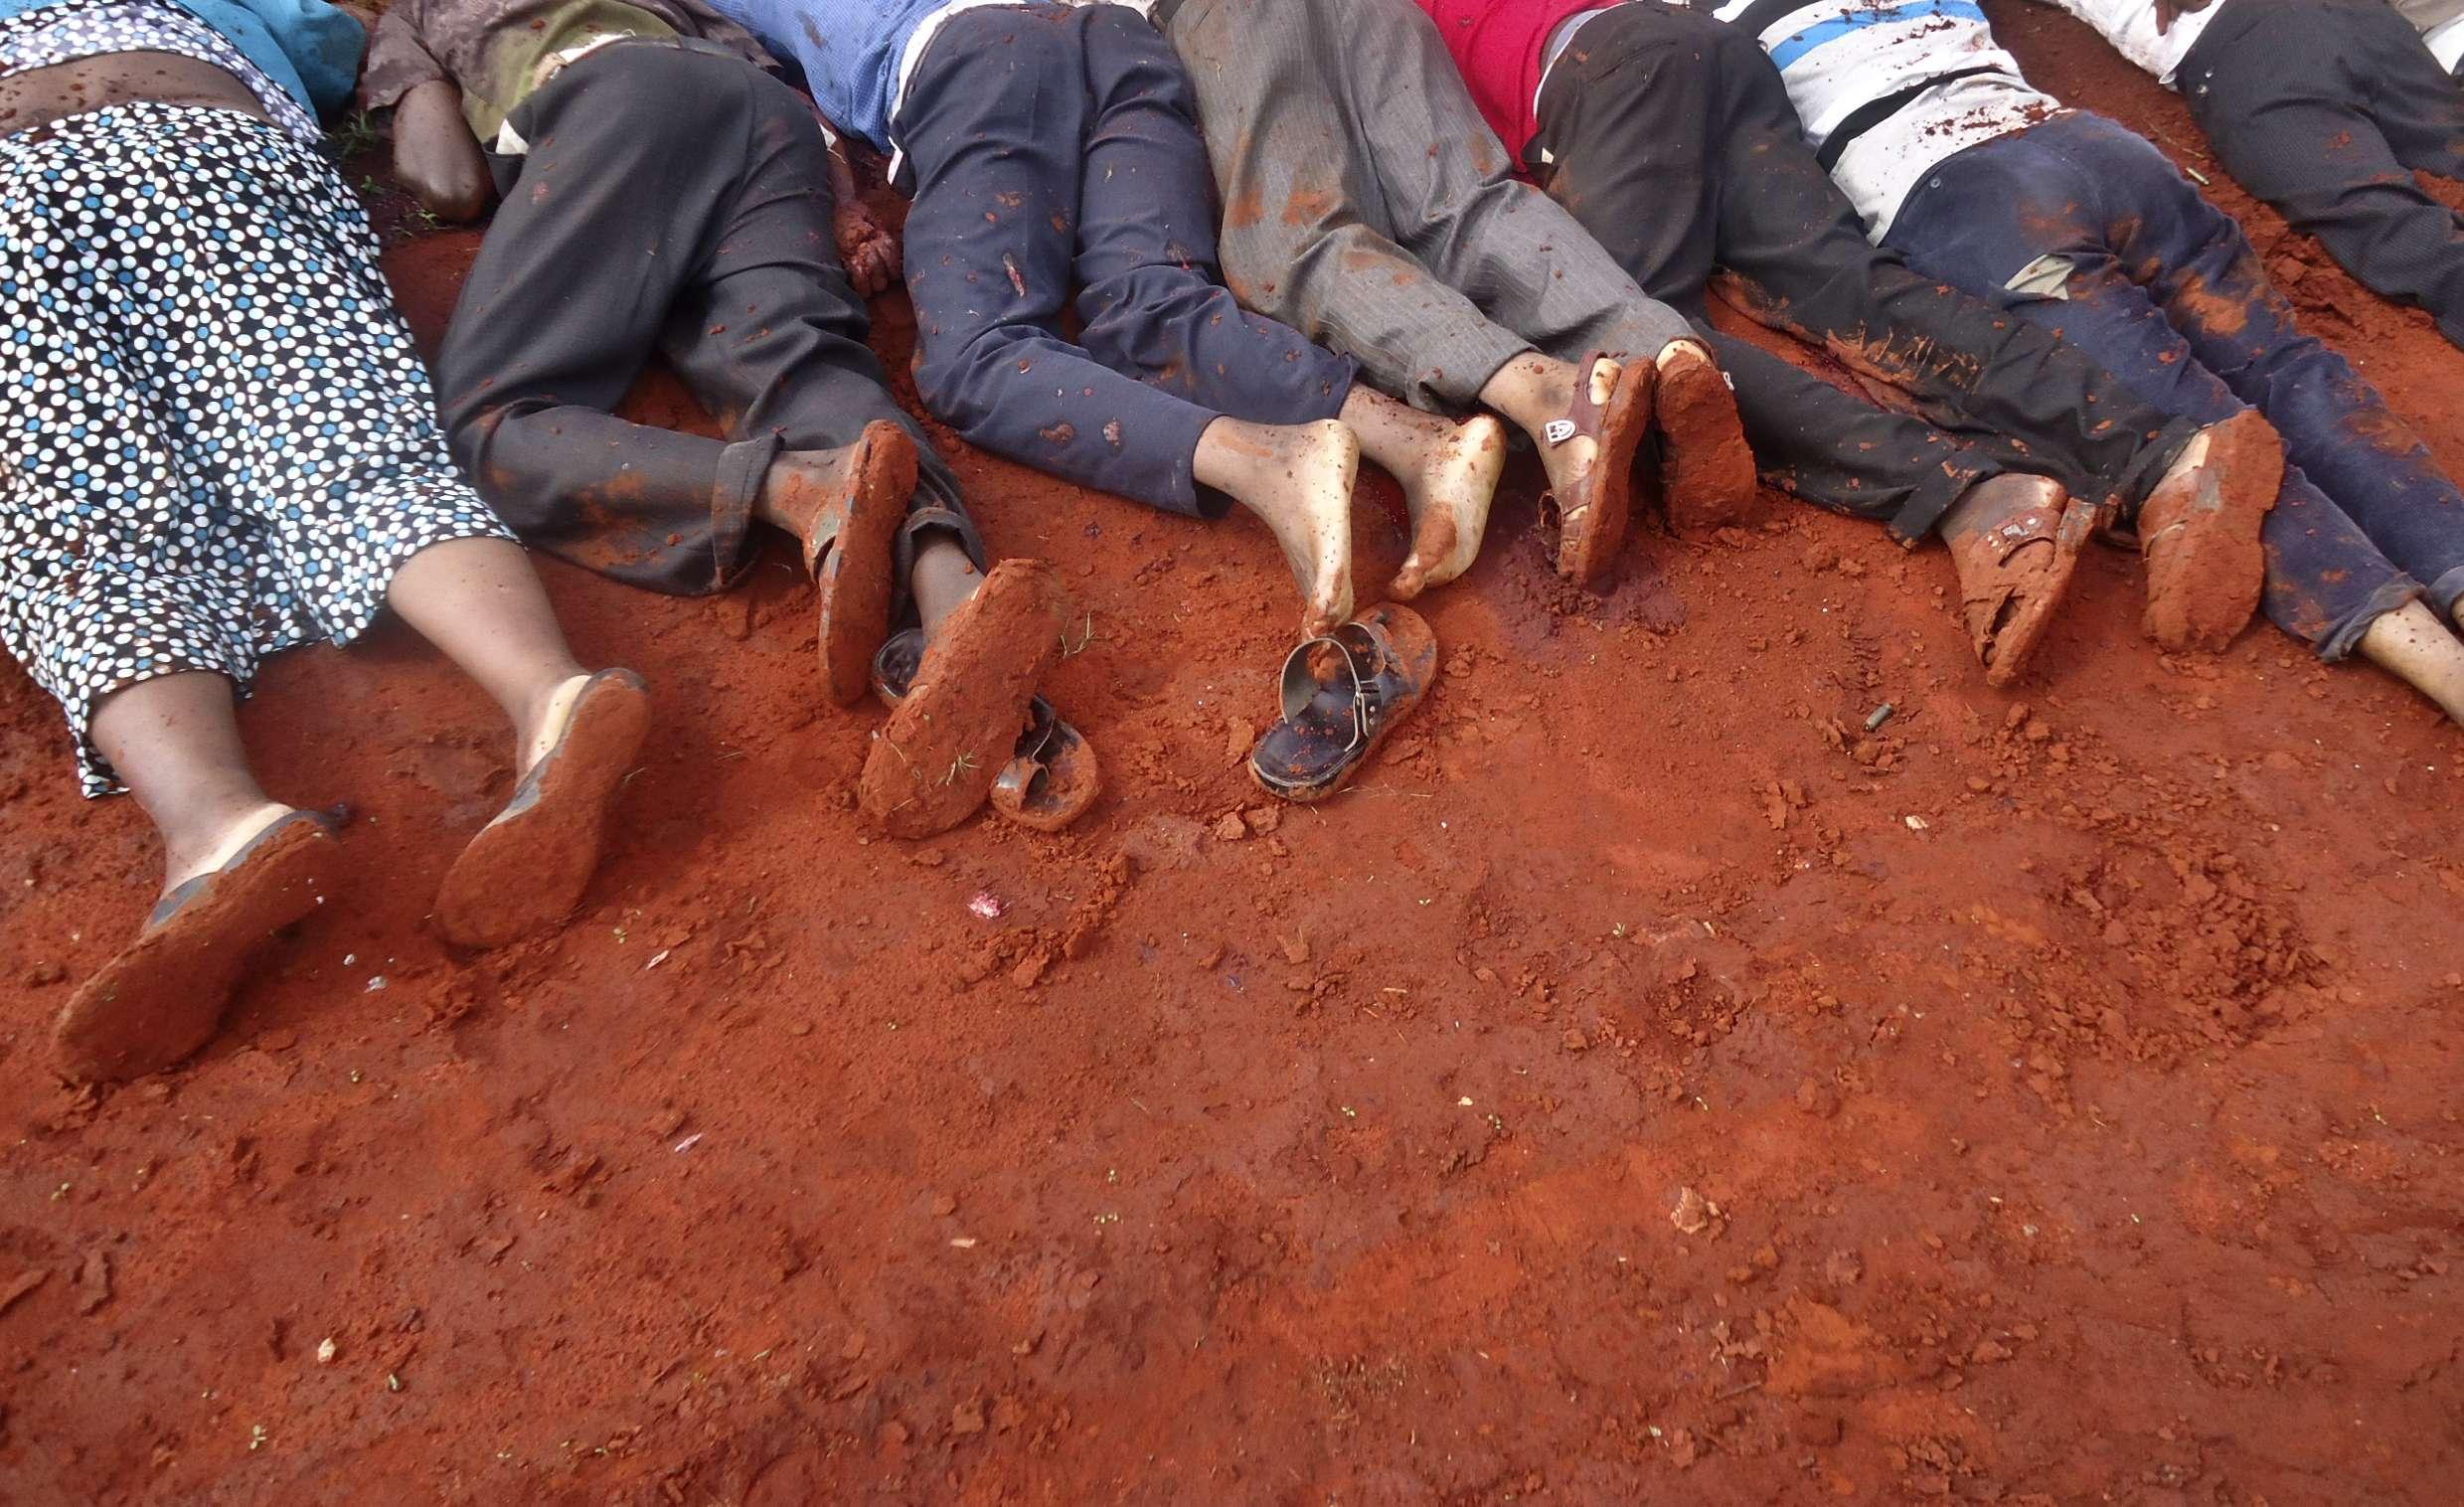 Cuerpos de los kenianos asesinados durante un ataque a un autobús cerca de la ciudad de Mandera en Kenia por milicias islámicas Al-Shabaab, el 22 de noviembre de 2014. Foto: AP en español